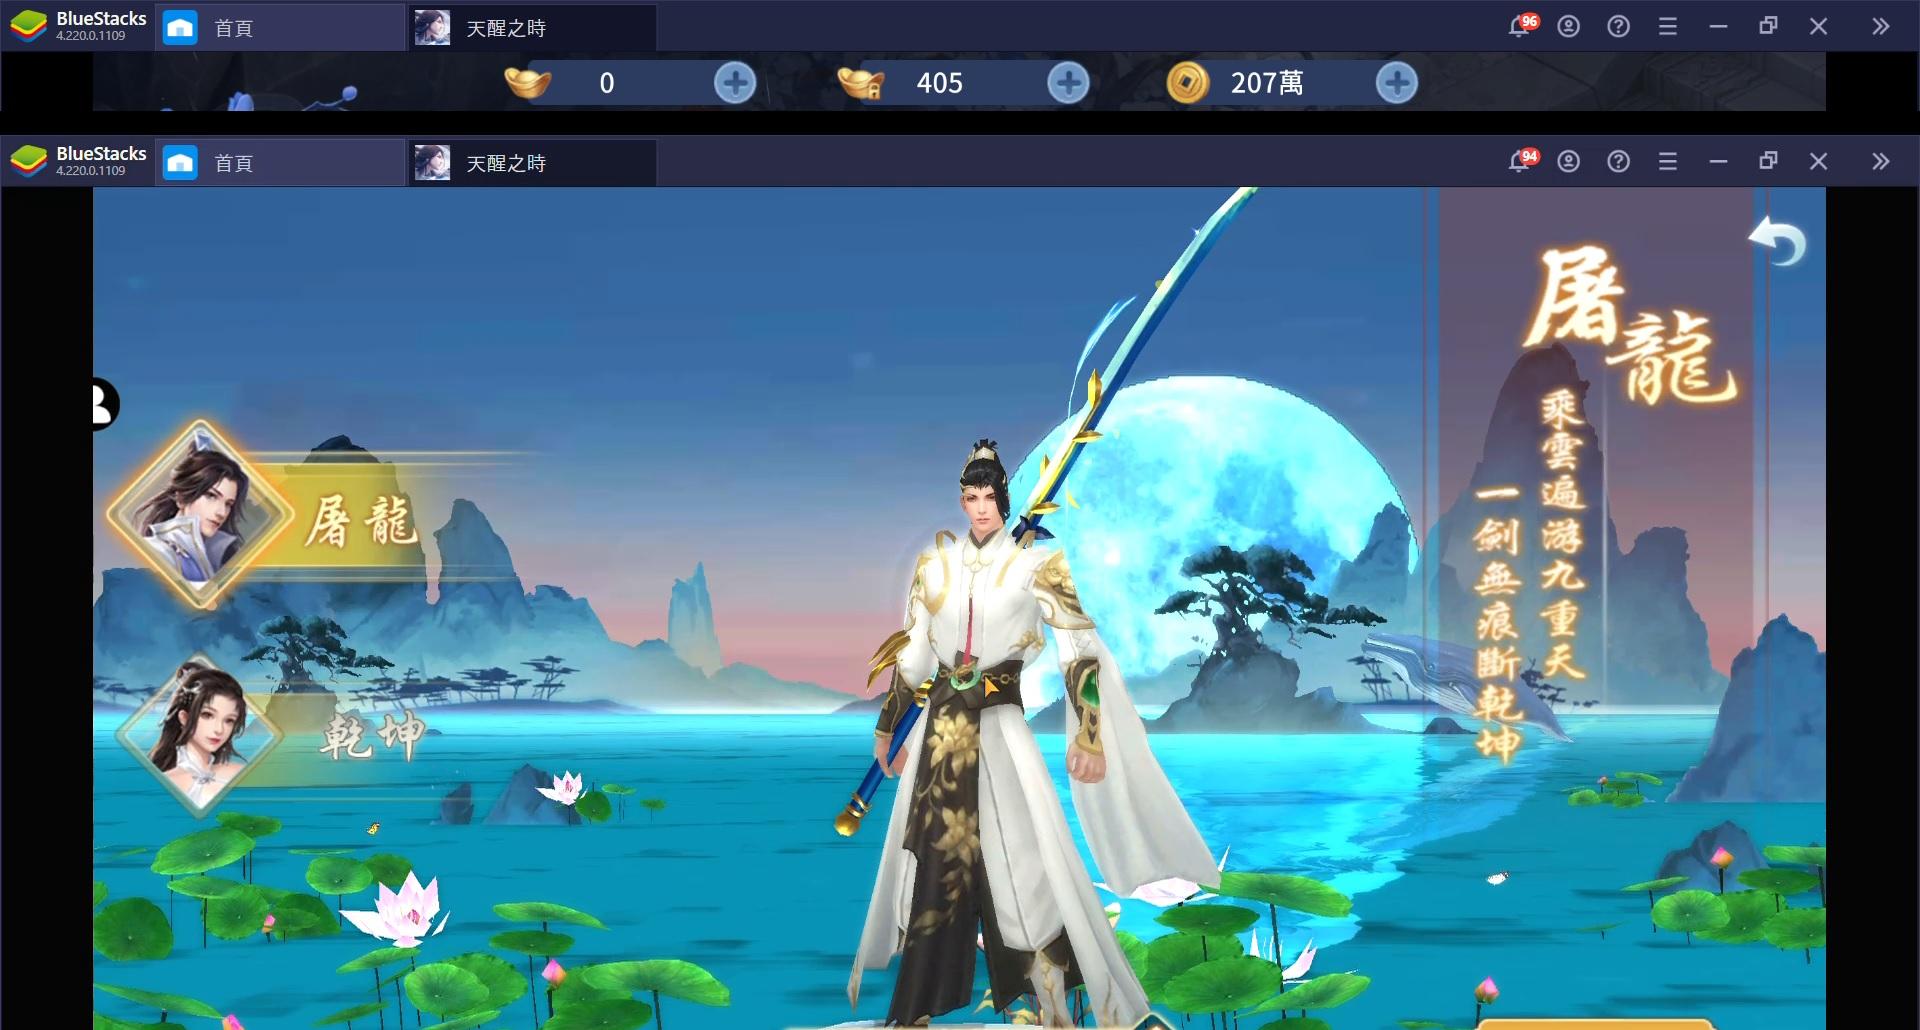 使用BlueStacks在PC上體驗2020新生代武俠手遊《天醒之時》